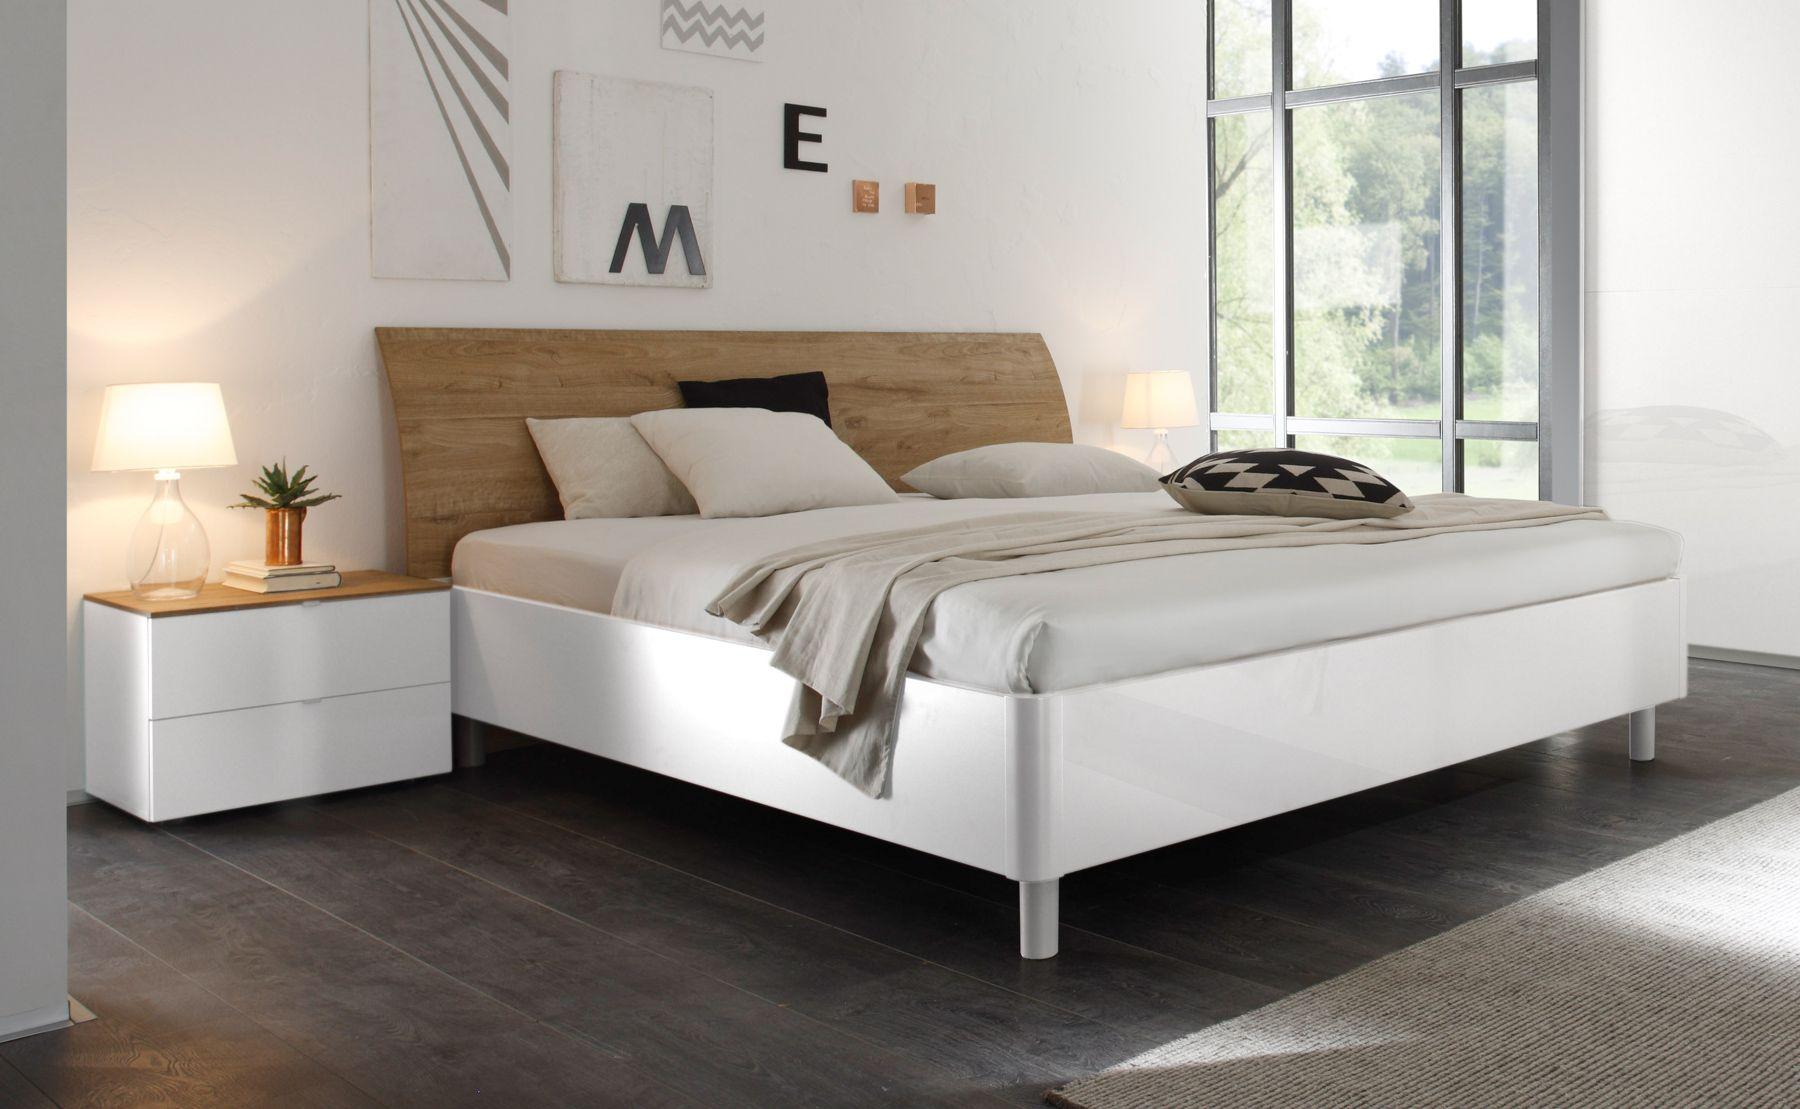 Doppelbett Bett 180 X 200 Cm Weiss Hochglanz Lack Eiche Natur Tambio28 Modernes Möbeldesign Bett 180x200 Haus Deko